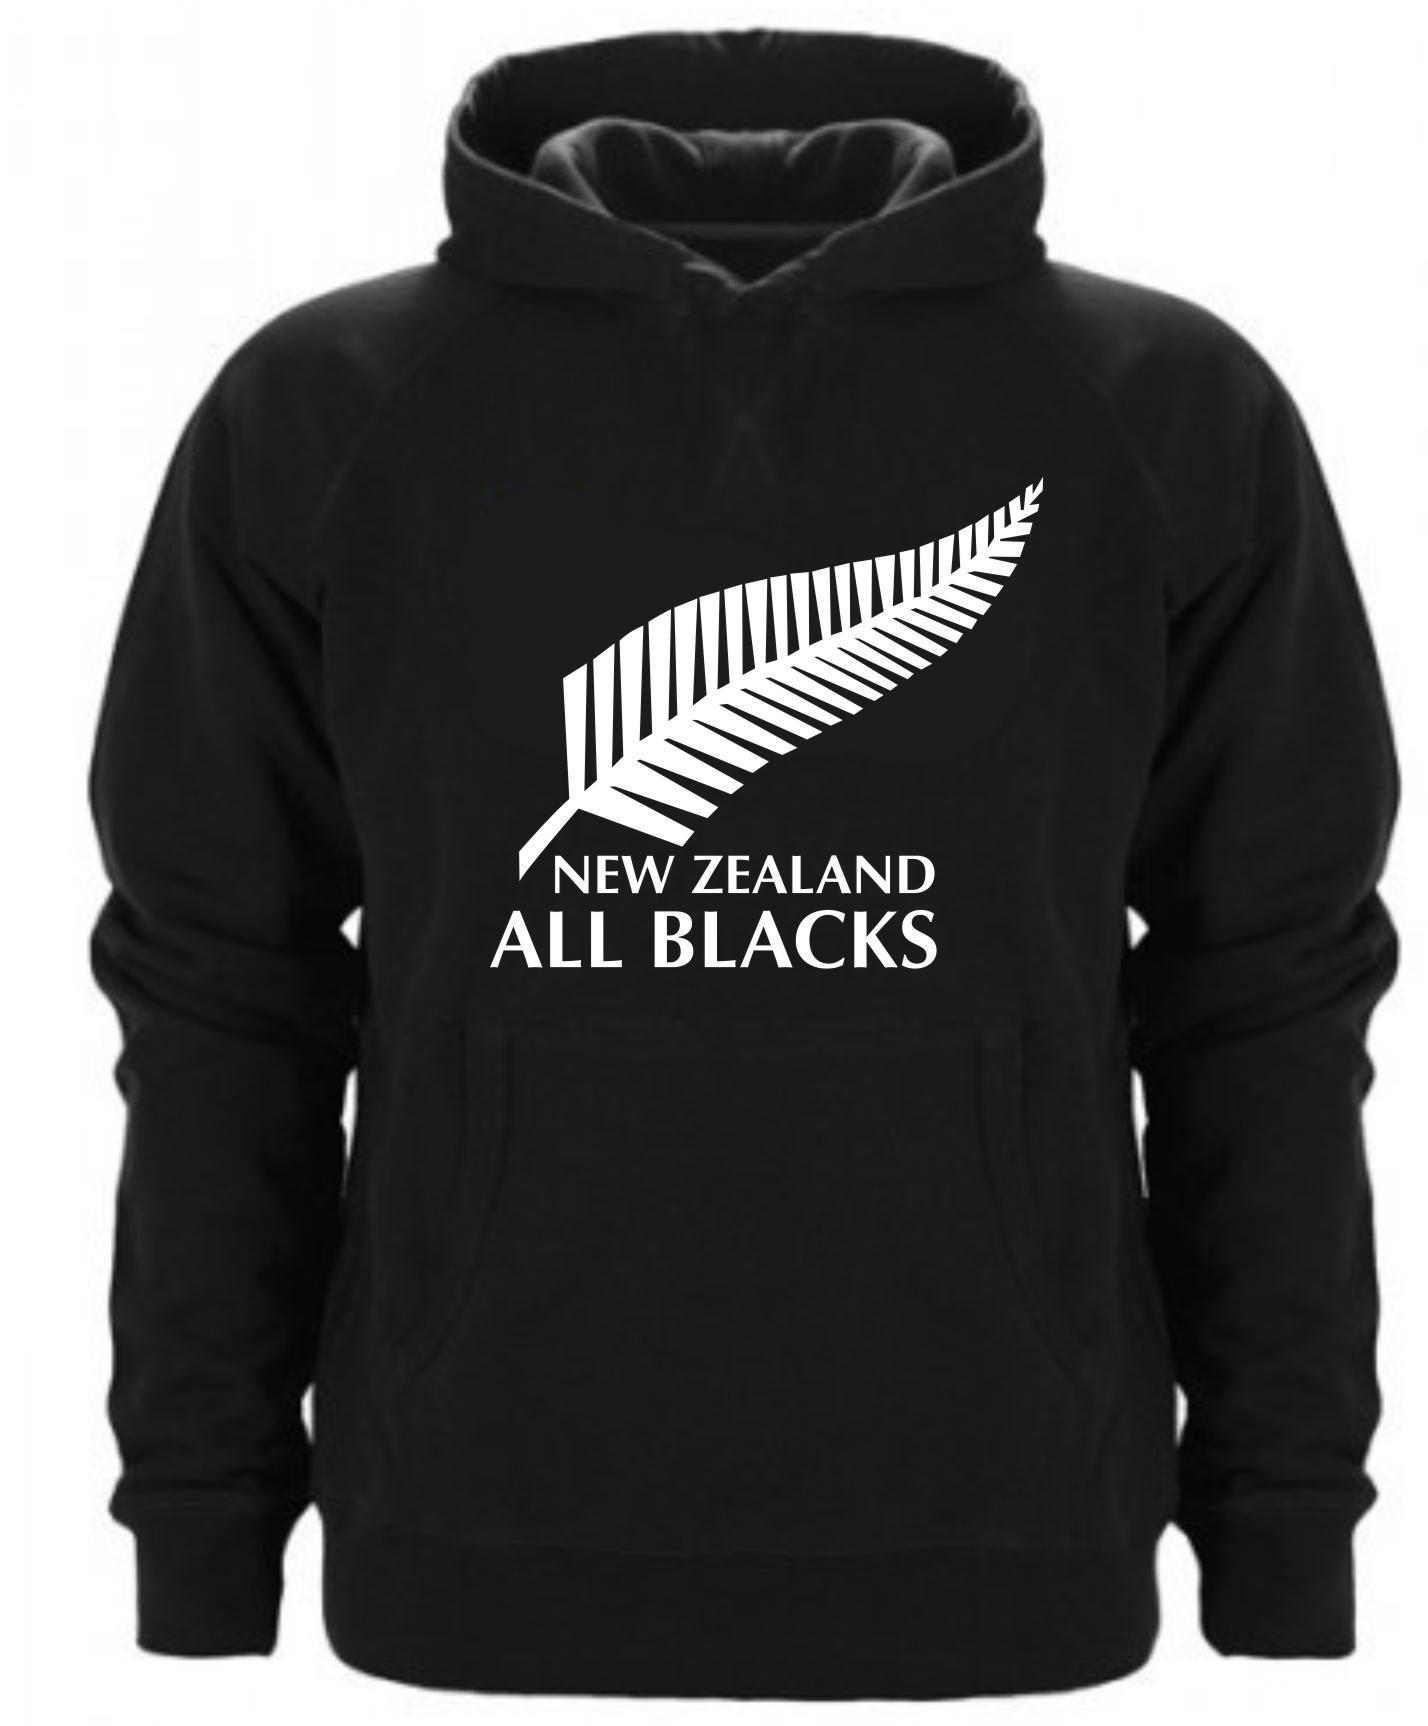 SUDADERA CAPUCHA NEW ZEALAND ALL BLACKS